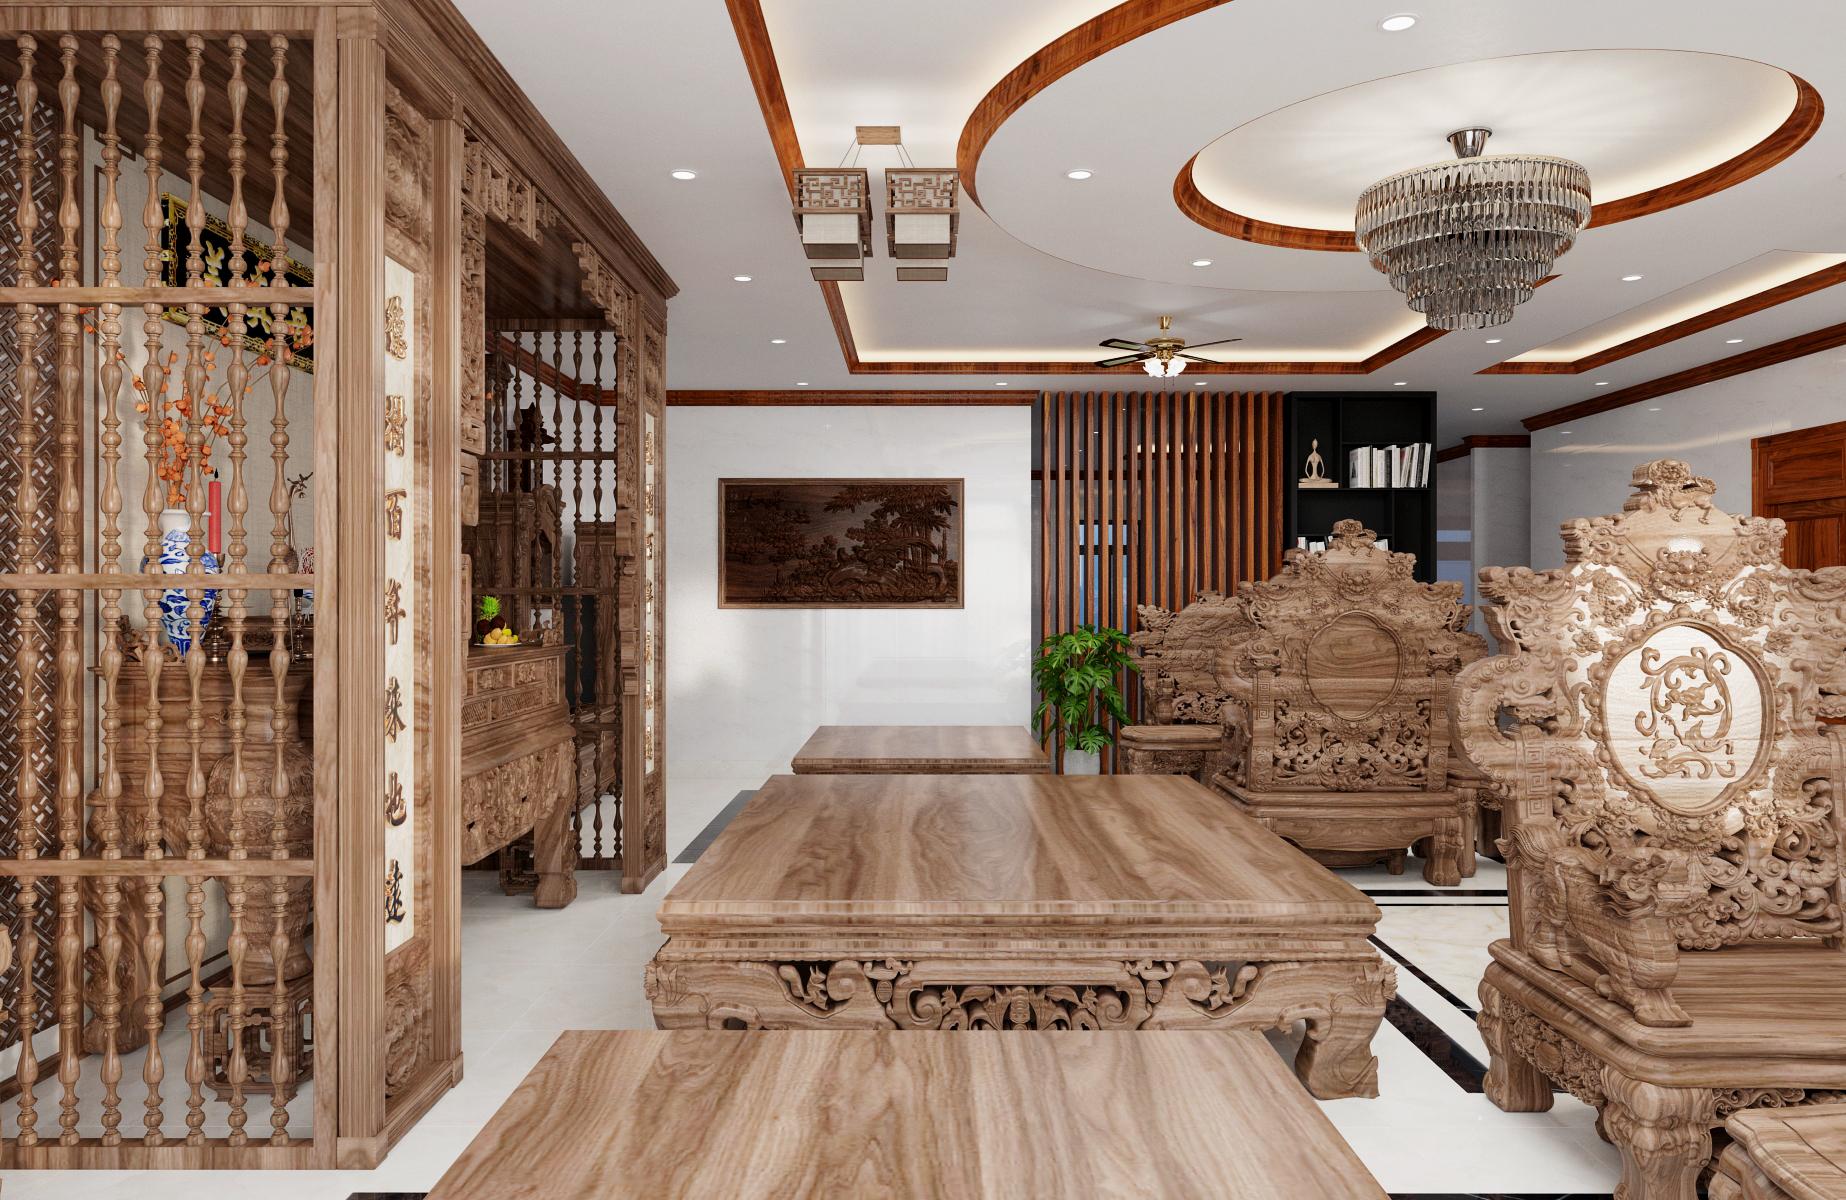 Thiết kế nội thất Biệt Thự tại Nam Định Living House 1573645678 9